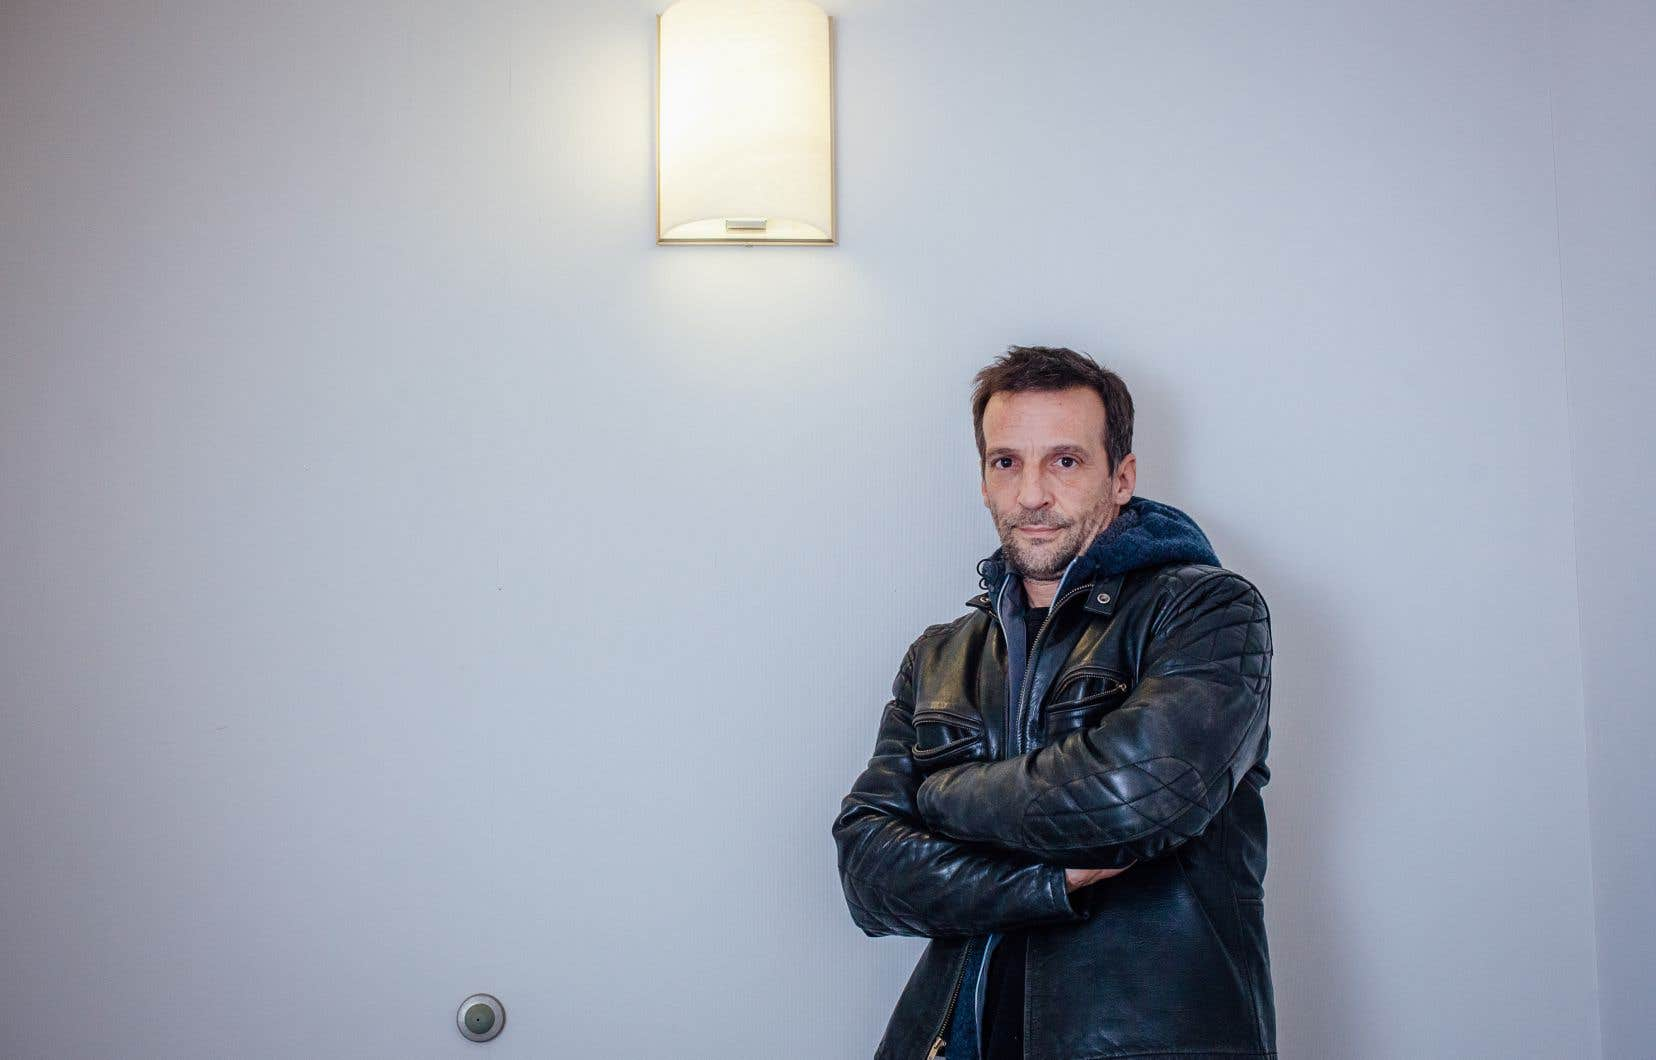 Mathieu Kassovitz est de passage à Montréal, pour «Sparring» et la série «Apocalypse, la paix impossible», dont il est le narrateur.